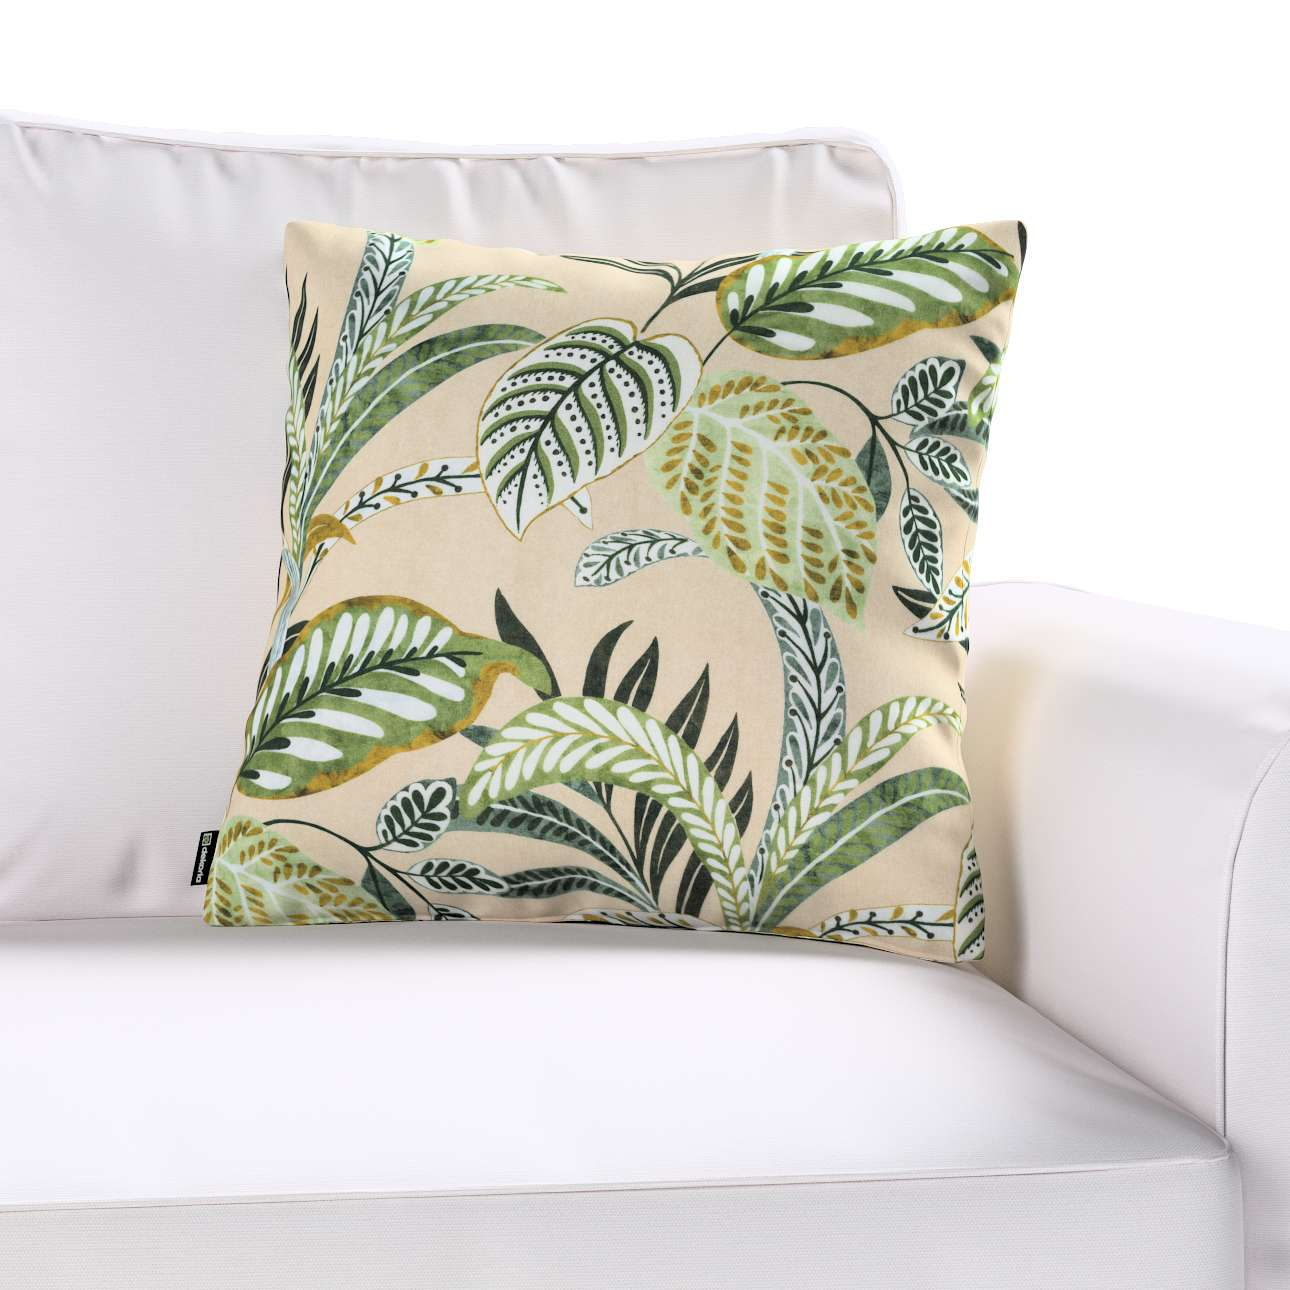 Poszewka Kinga na poduszkę w kolekcji Tropical Island, tkanina: 142-96